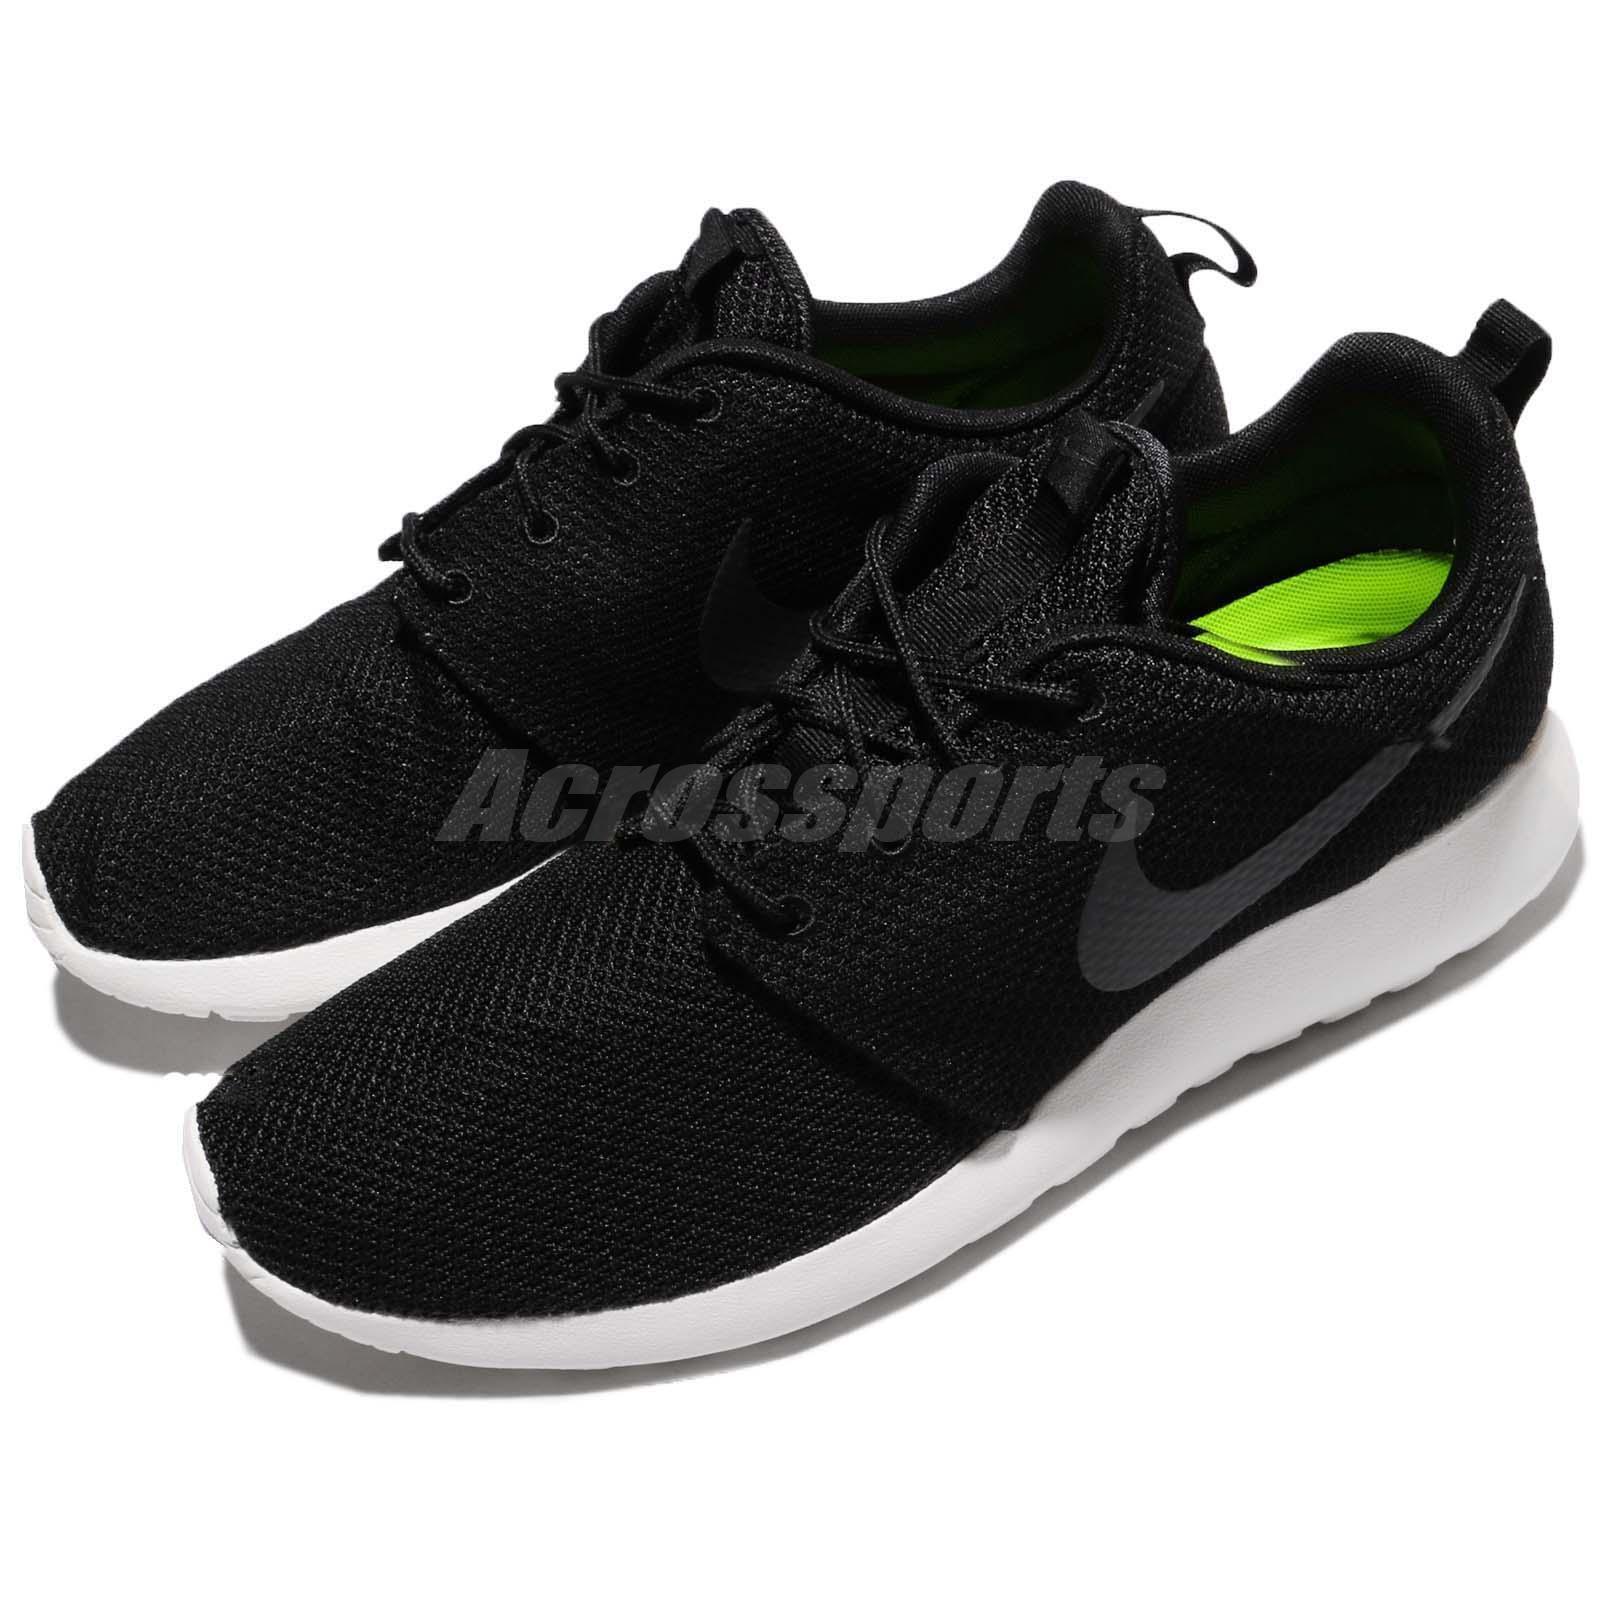 Nike Roshe One hombres Deporteswear Correr Informales Zapatos  One Roshe Rosherun Zapatillas 511881010 156058